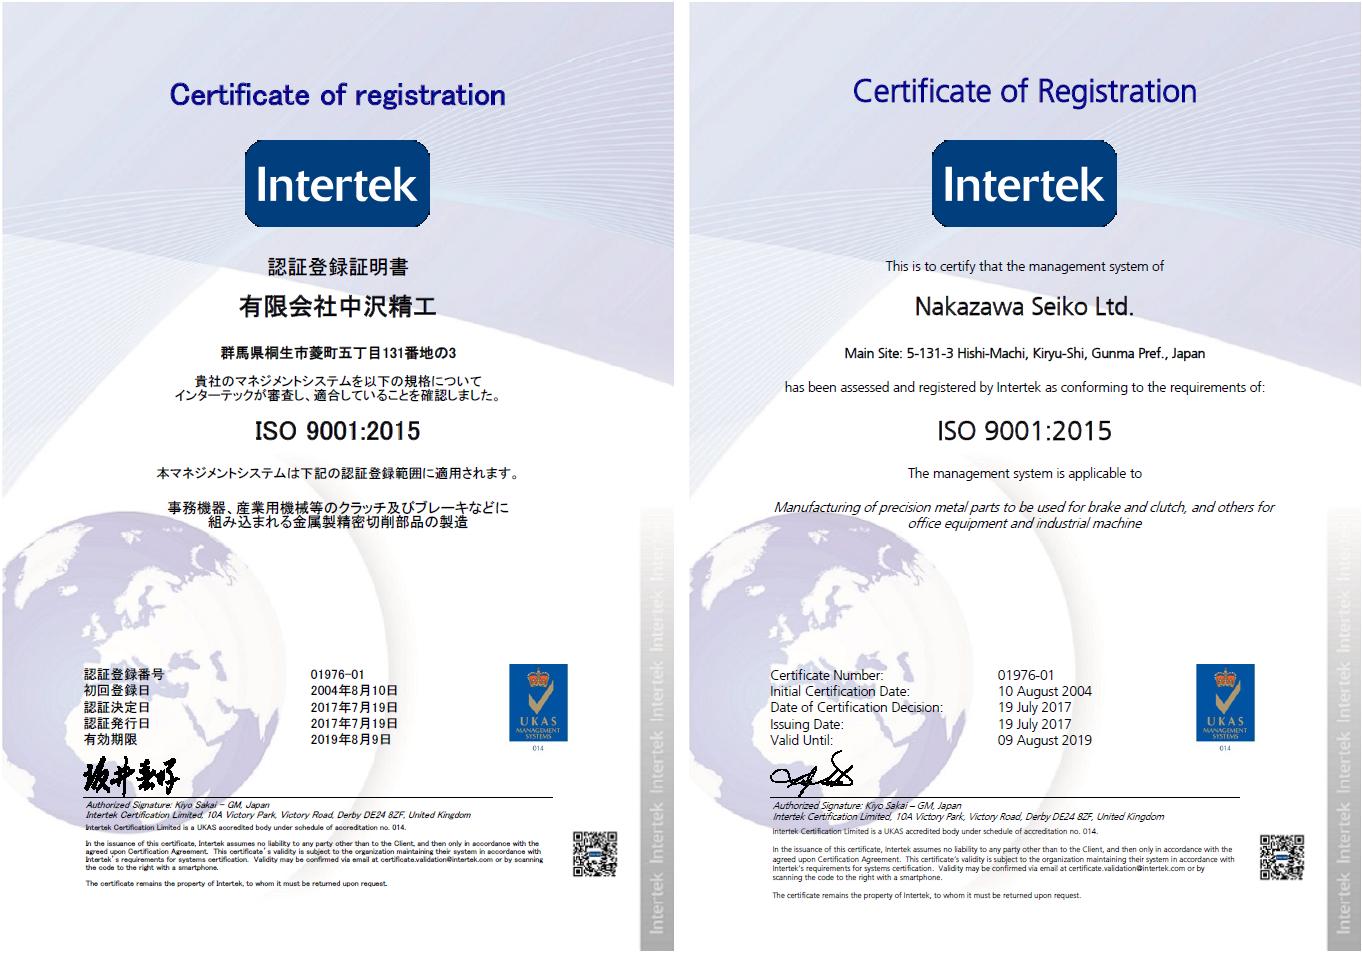 認証登録証明書日本語・英語版